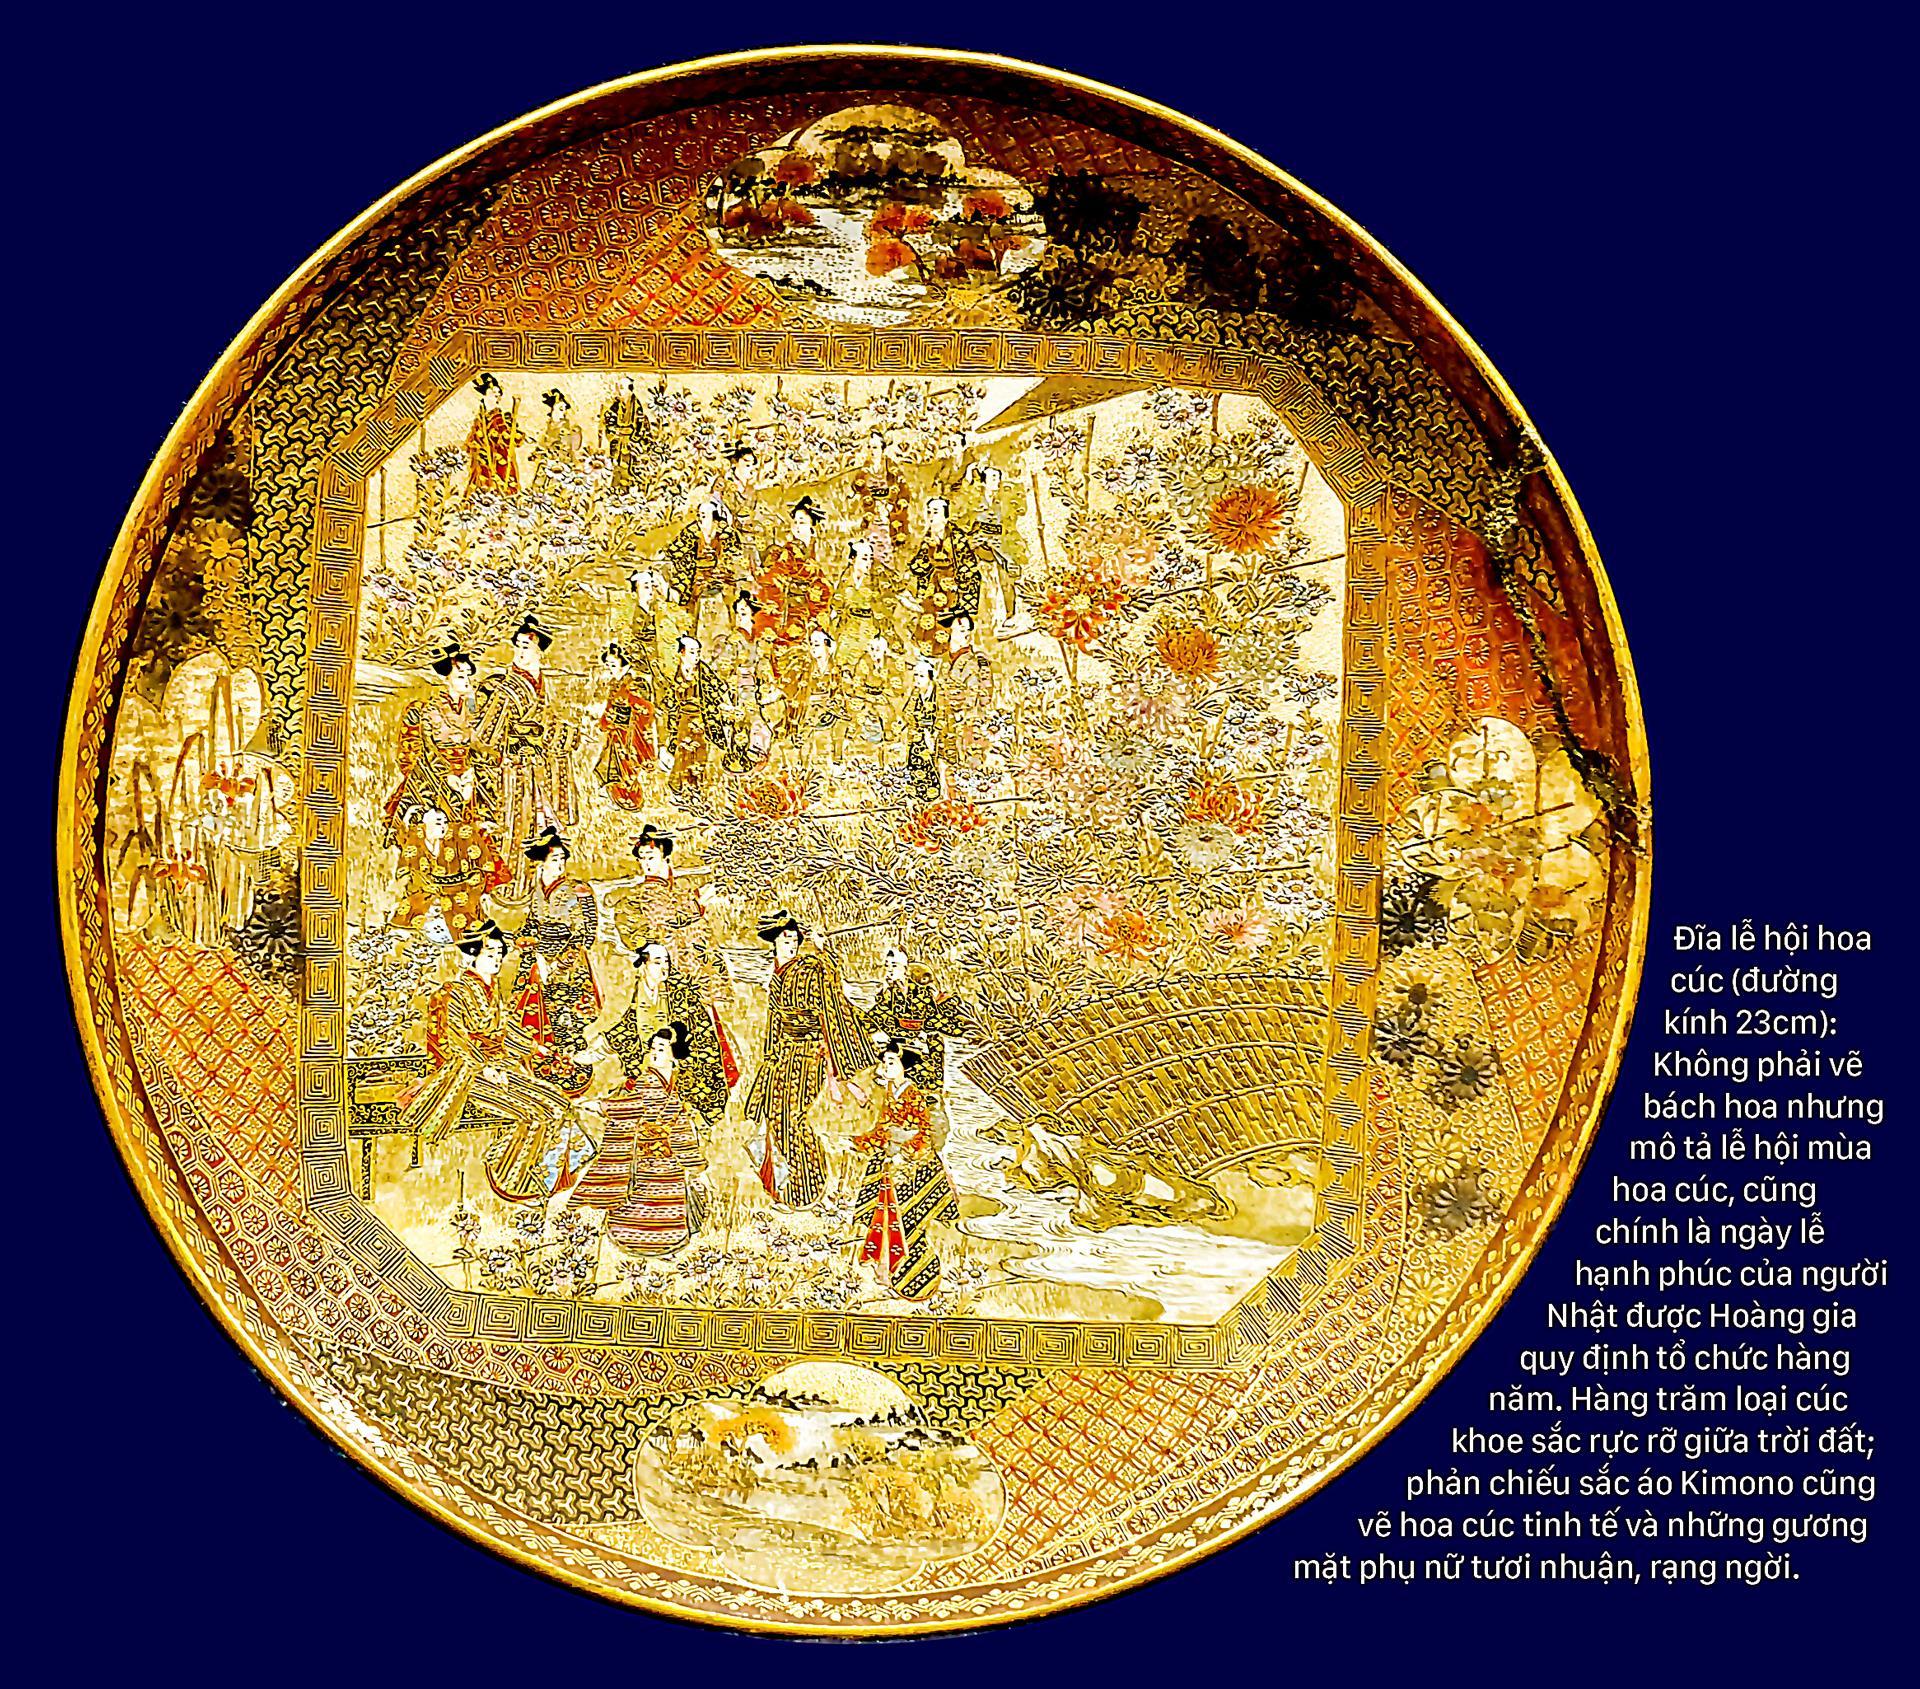 Nghệ thuật thị giác người Nhật qua gốm Bách hoa ảnh 8